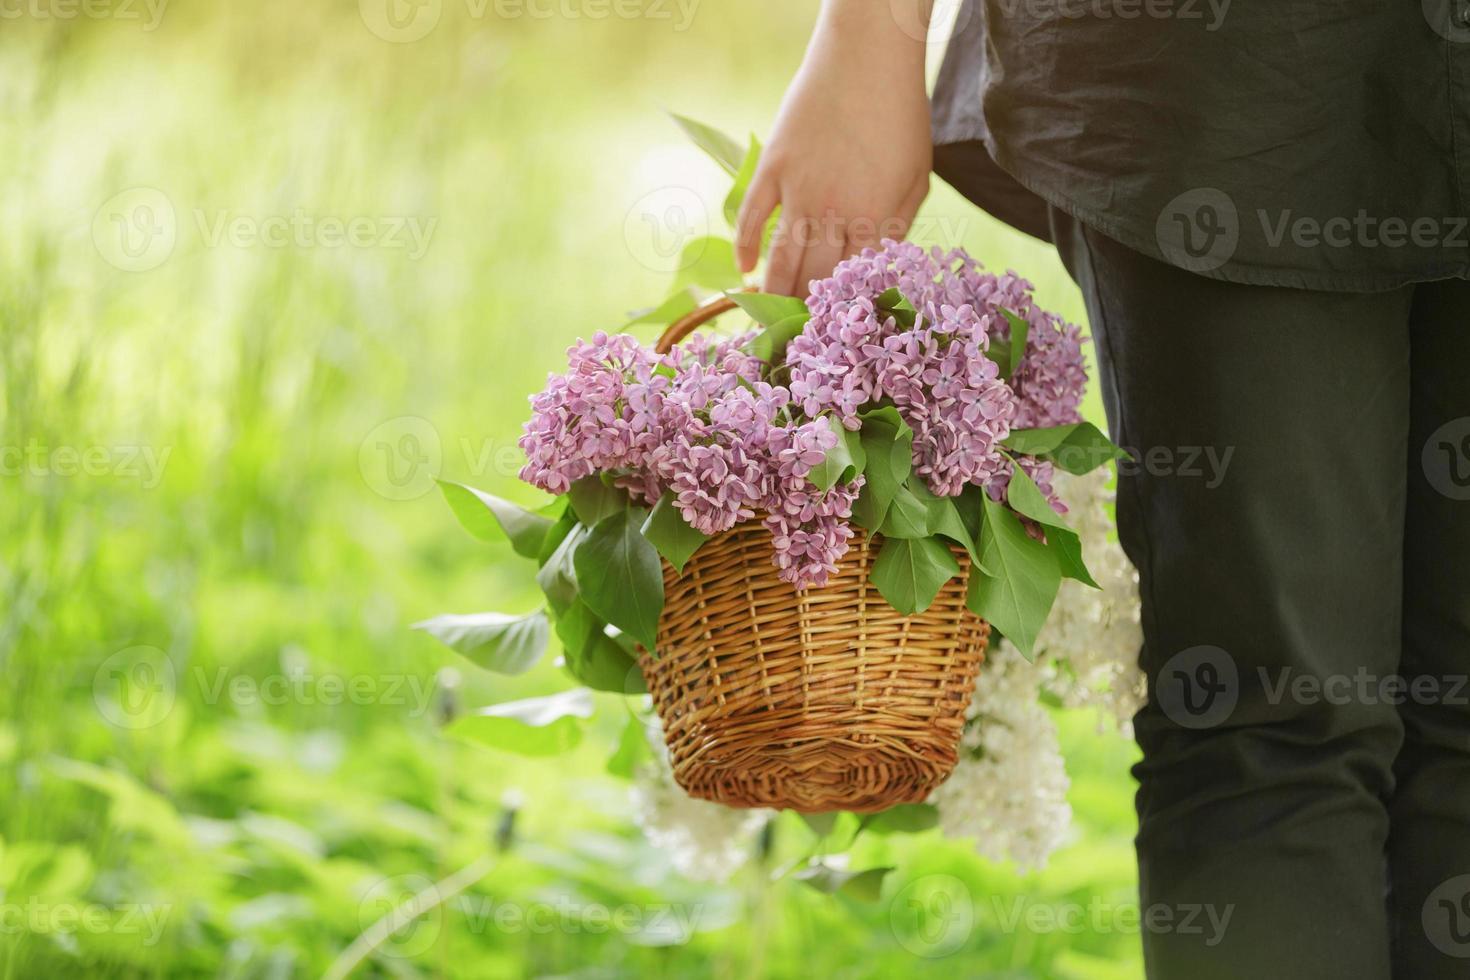 vrouwelijke tiener meisje houdt mand vol met lila bloemen foto